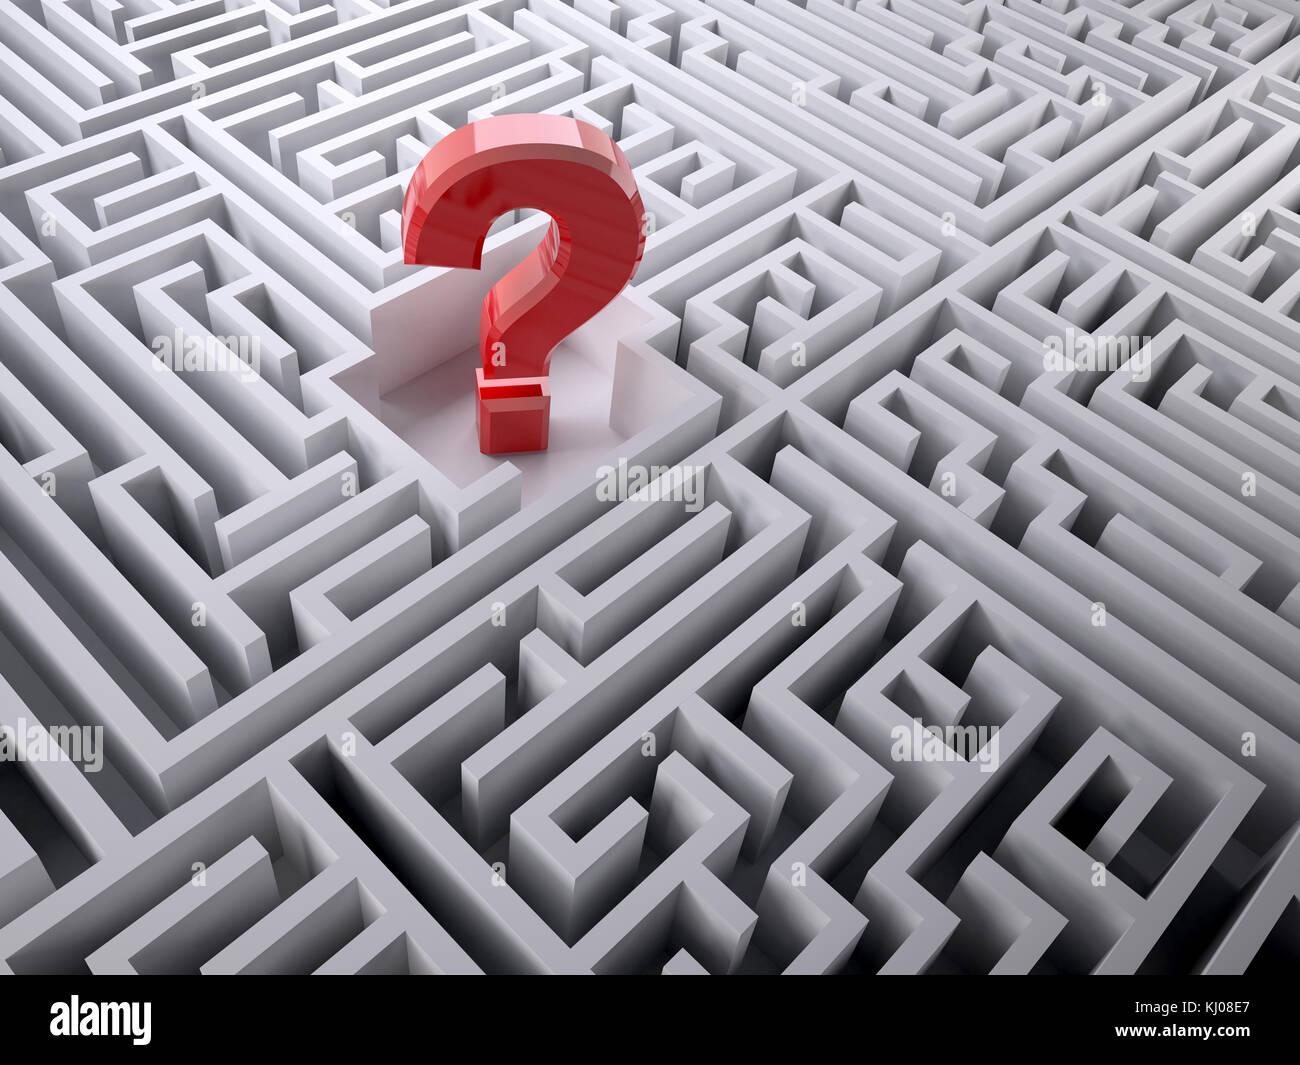 Signo de interrogación rojo dentro del laberinto laberinto, ilustración 3d Imagen De Stock